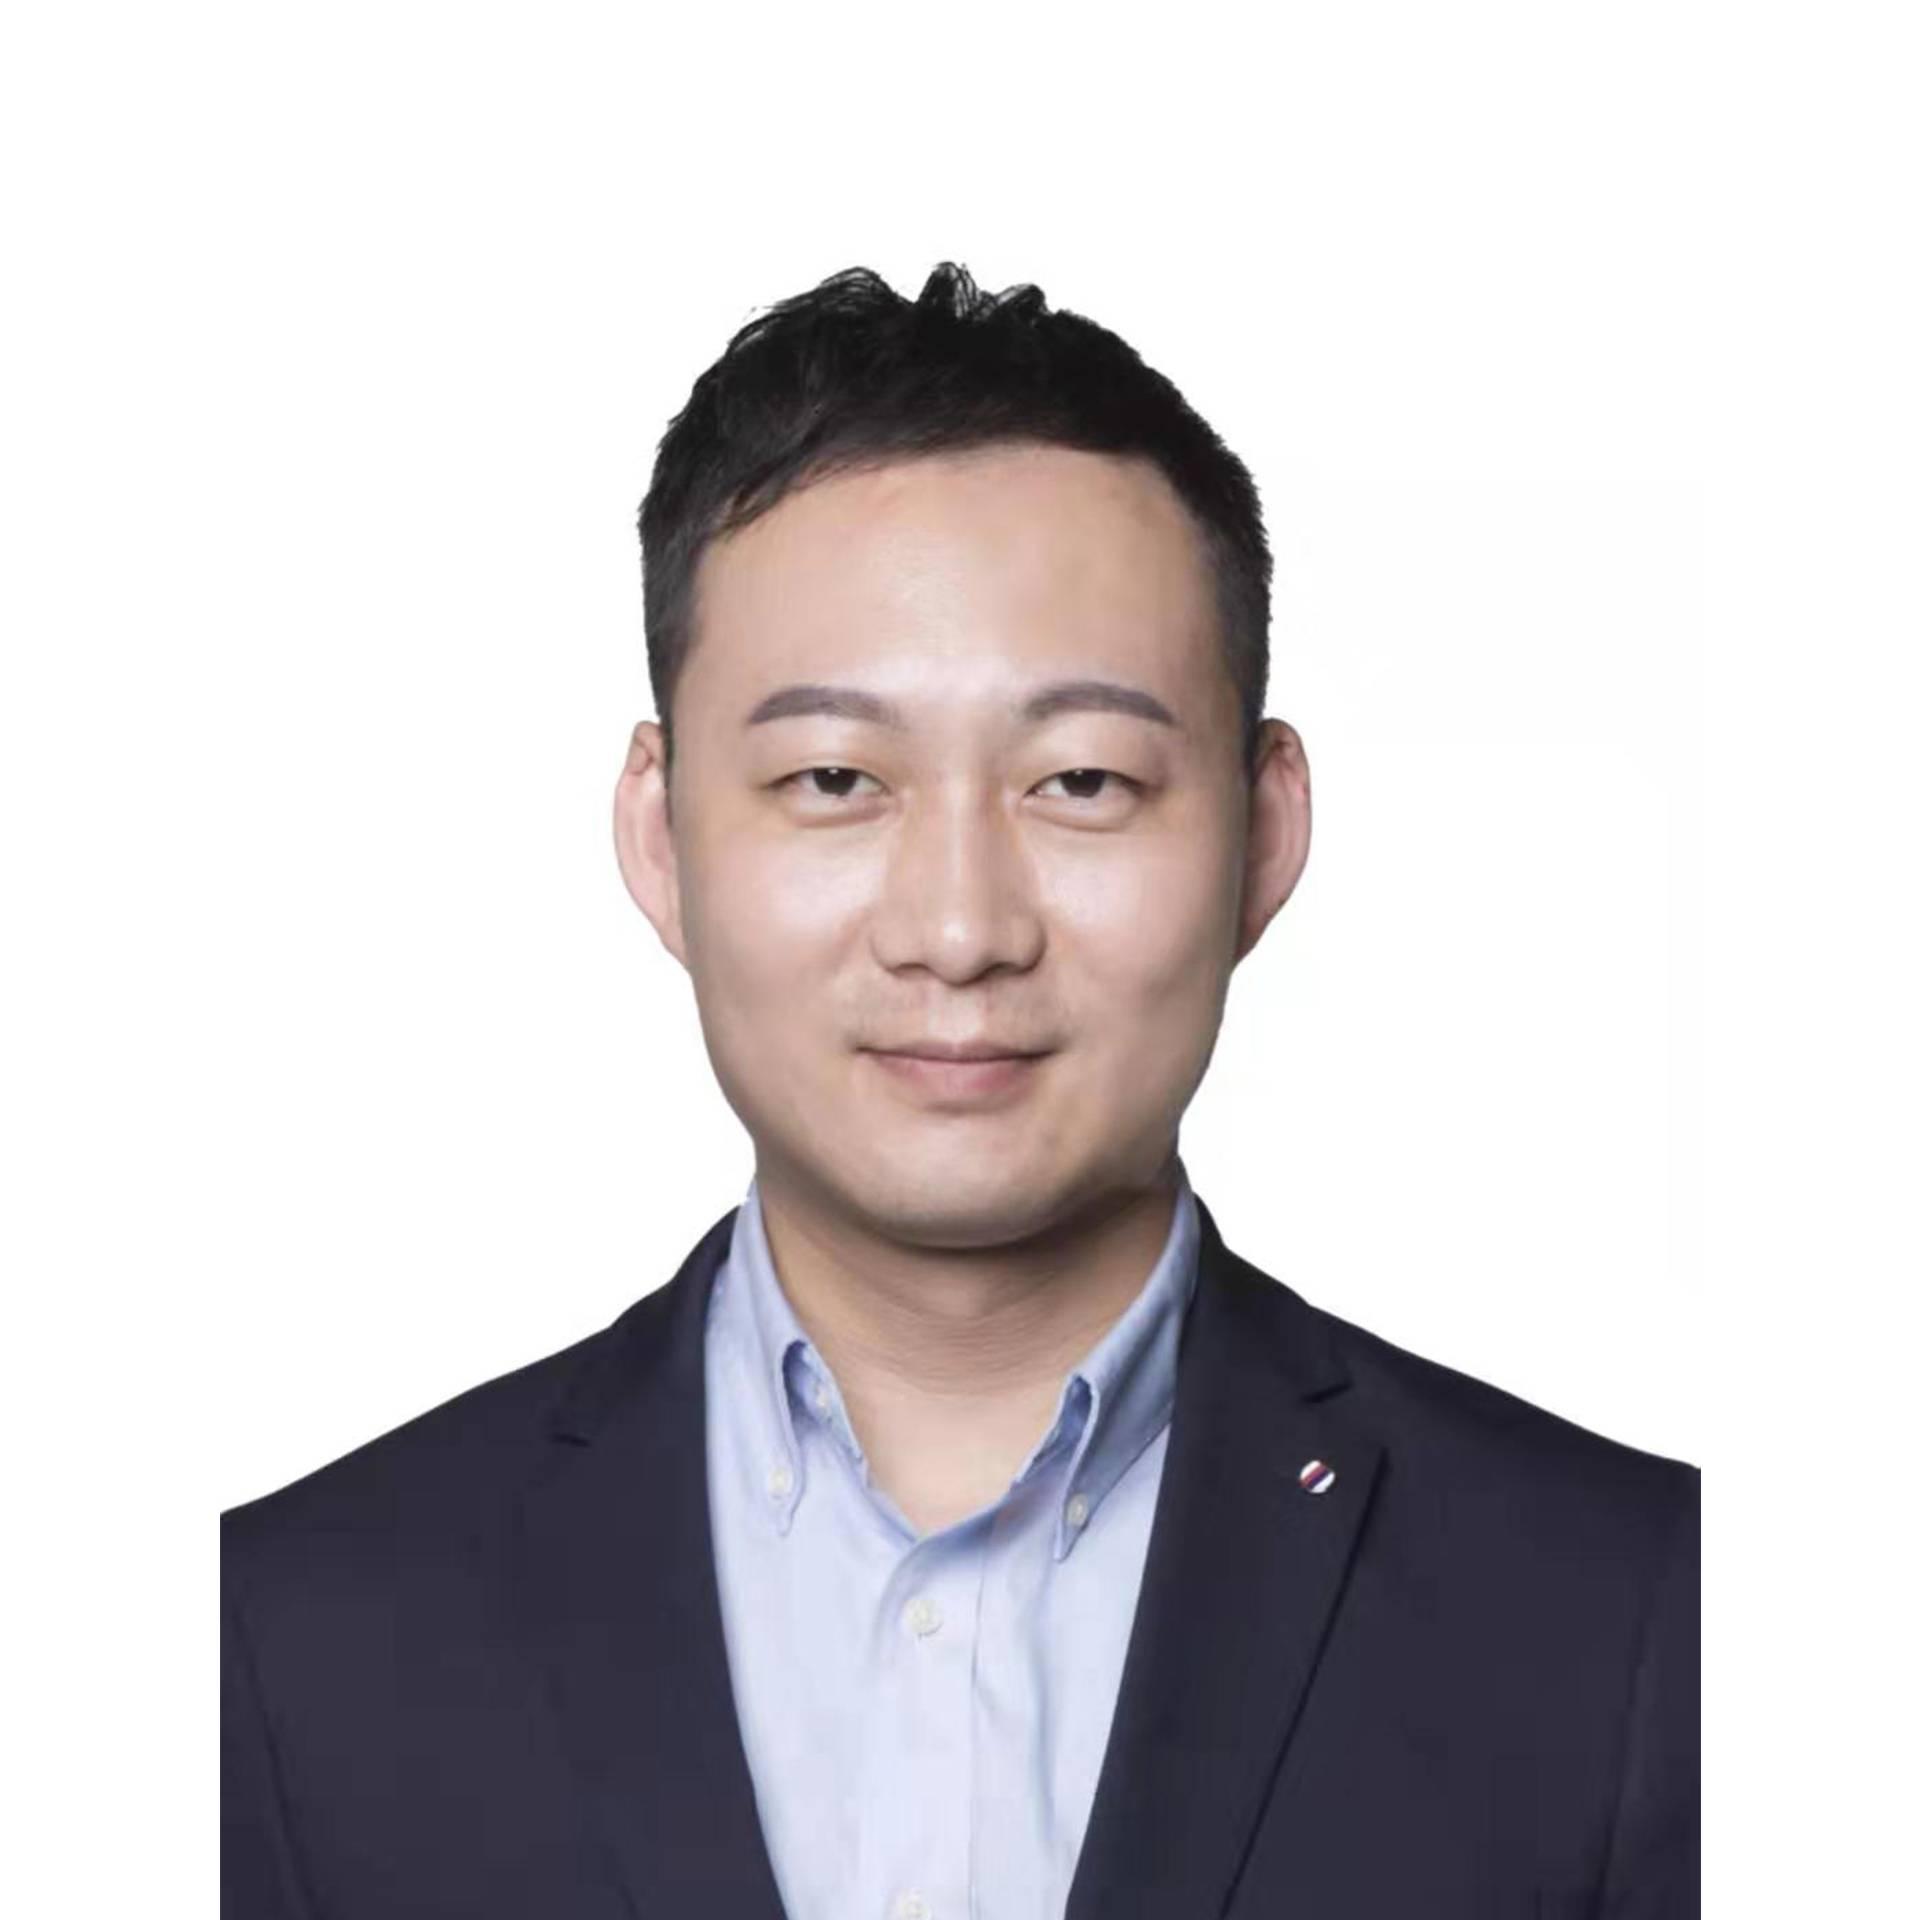 张屿 创新中心(山西 太原) 副总经理